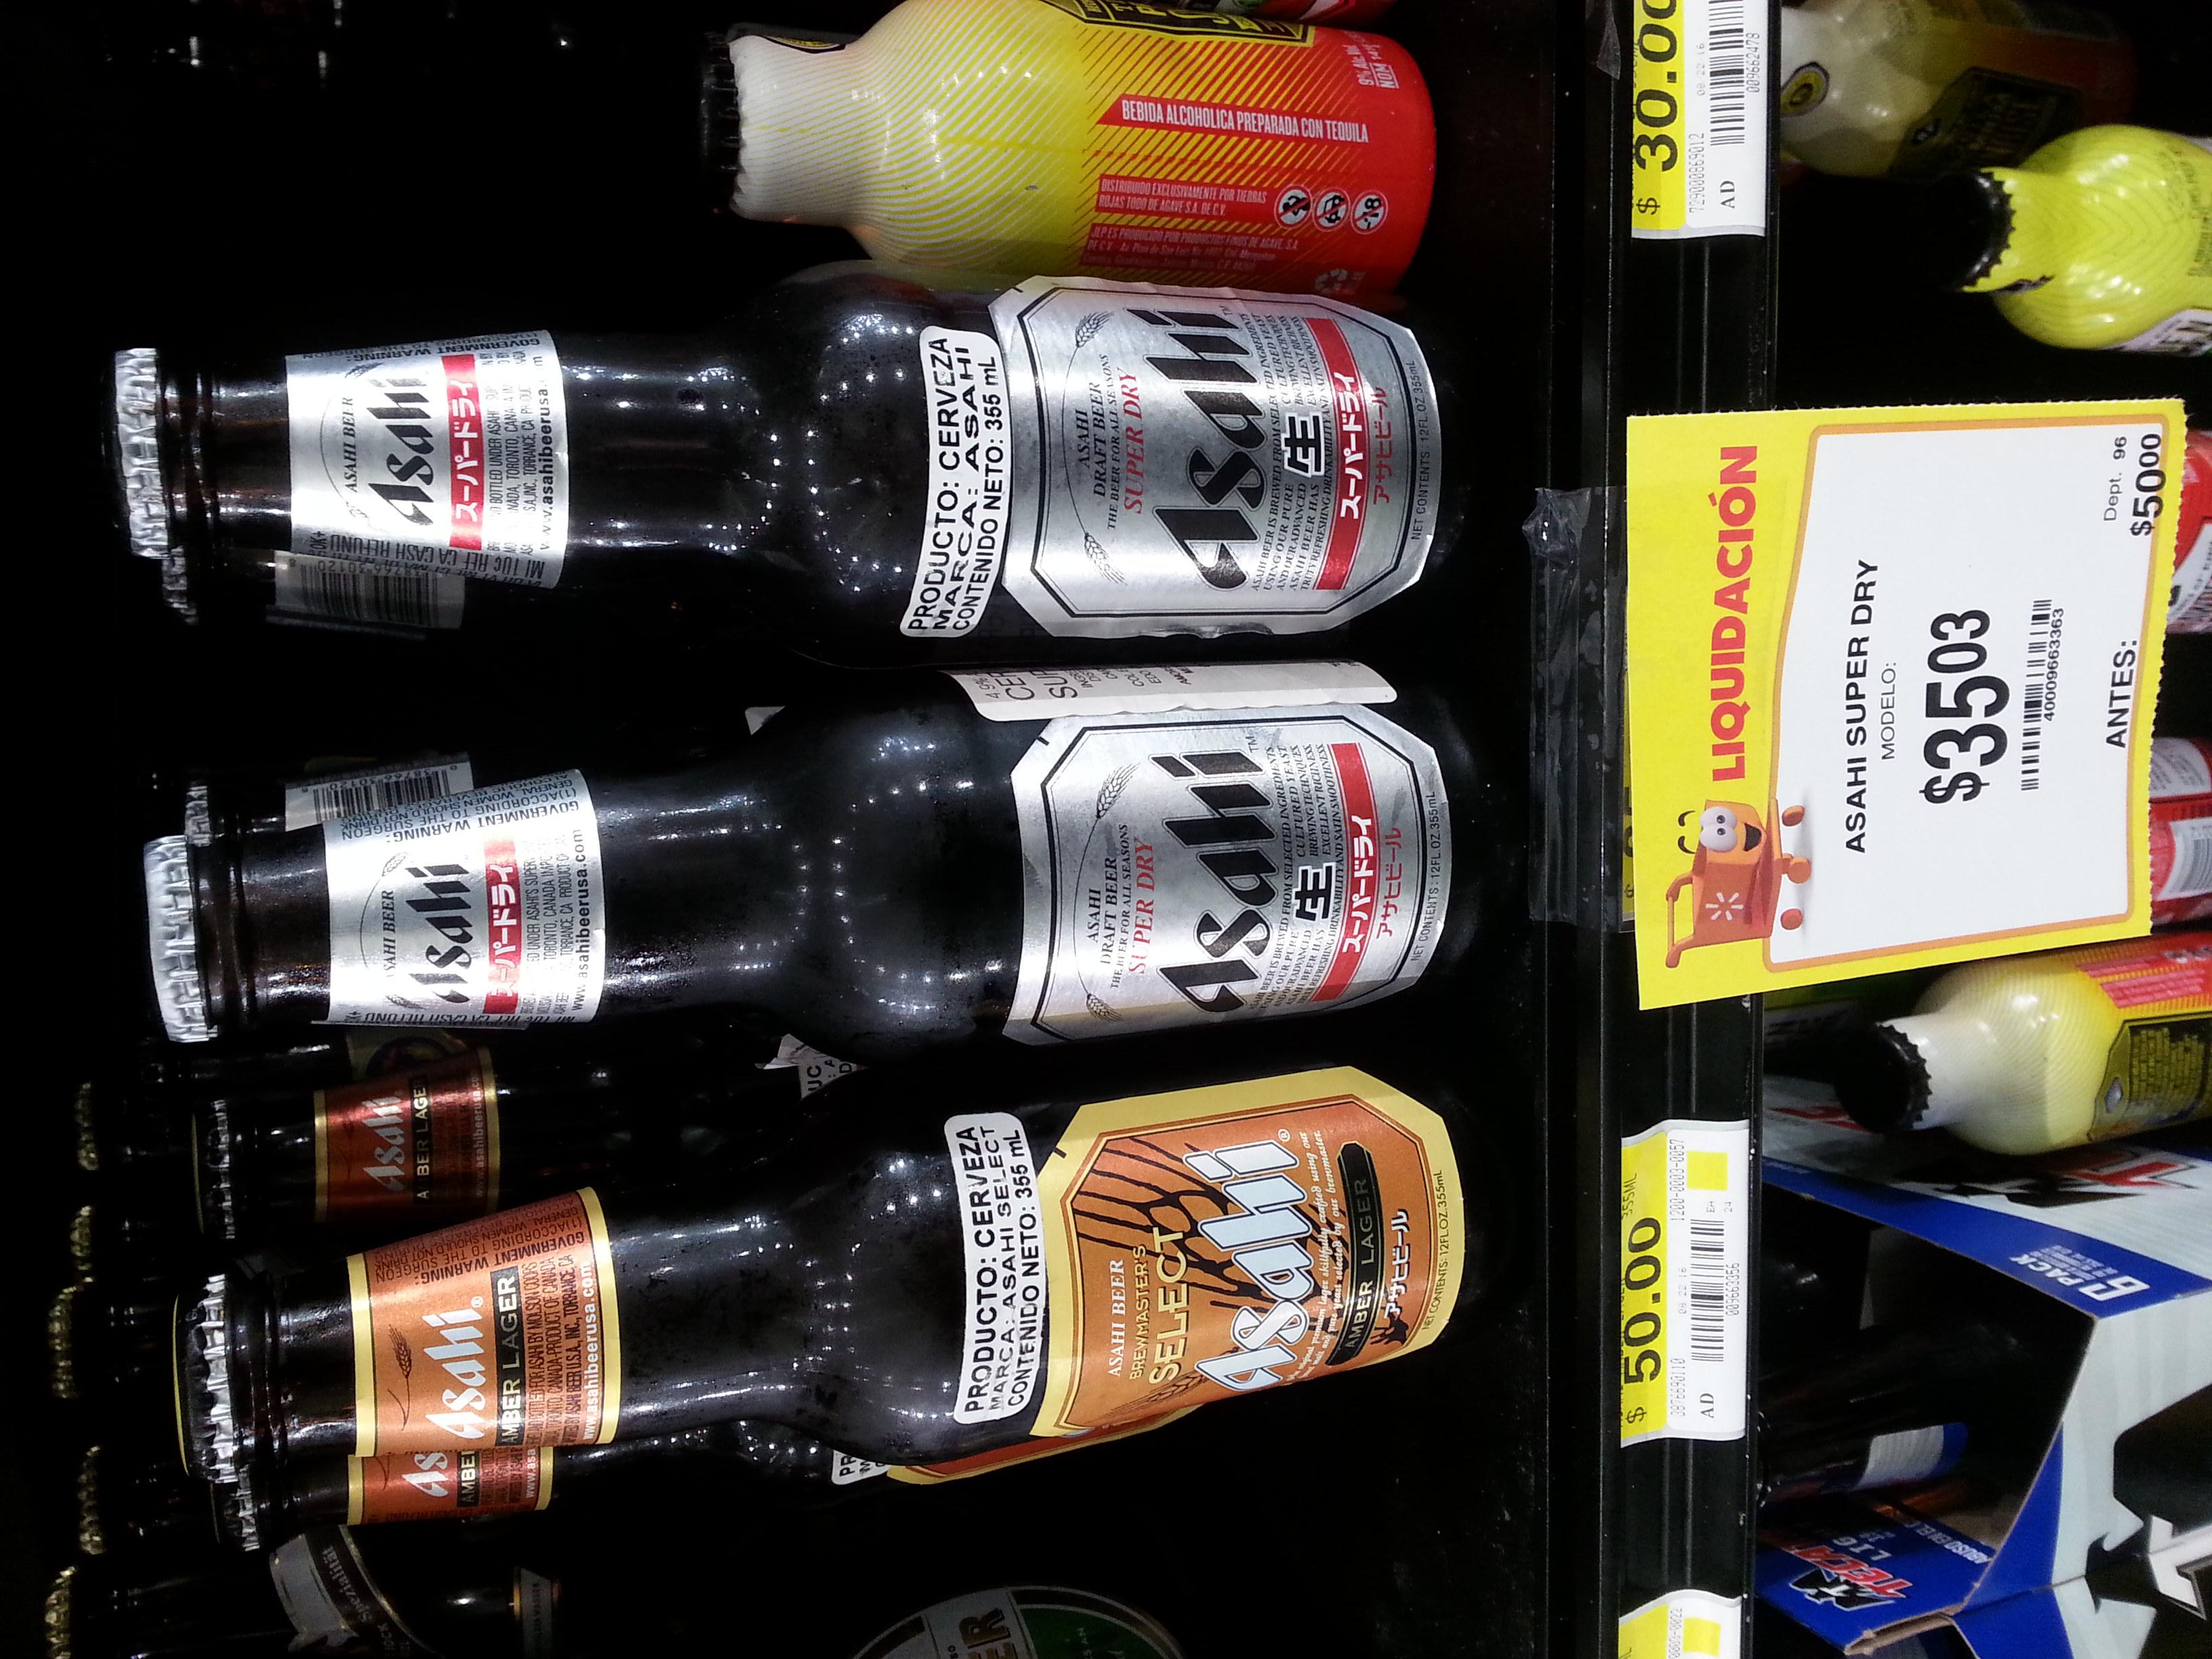 Walmart La Isla Culiacan Sinaloa: Cerveza Asahi super dry de $50 a $35.03